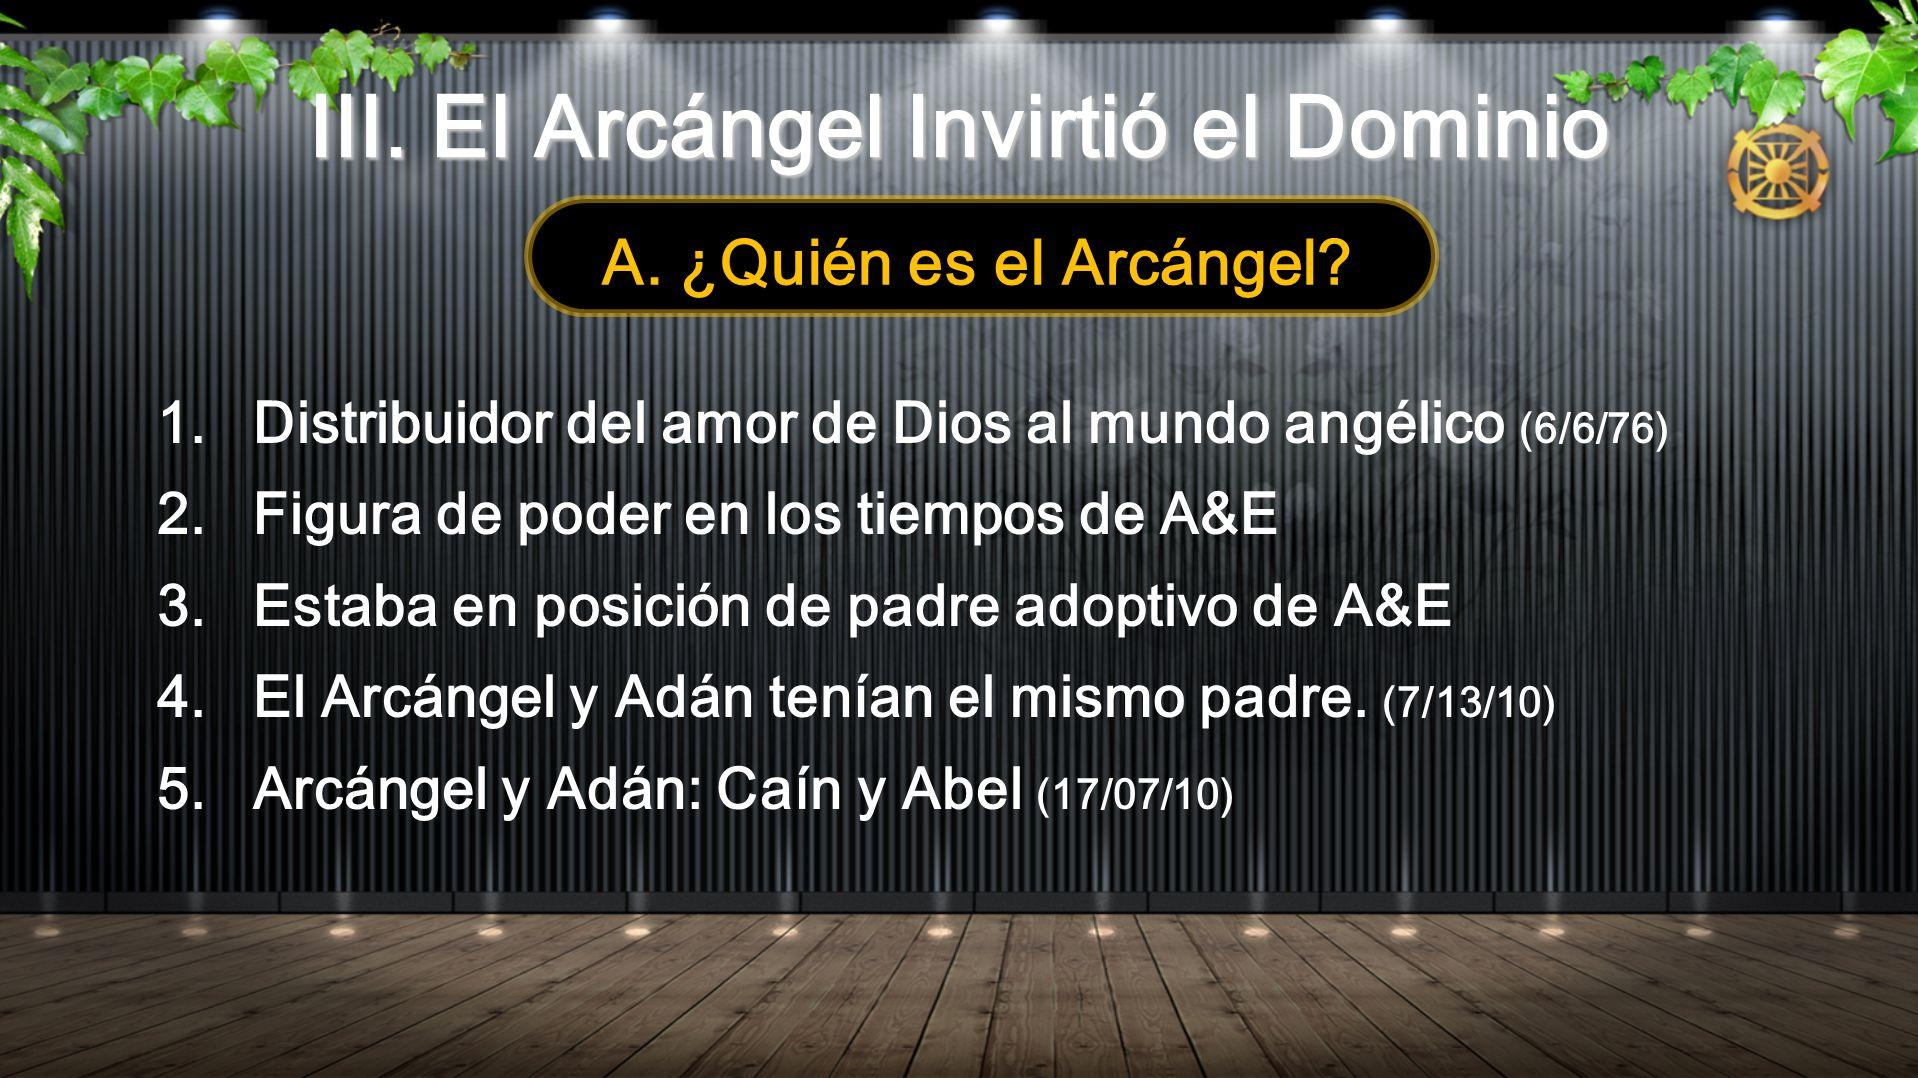 III. El Arcángel Invirtió el Dominio